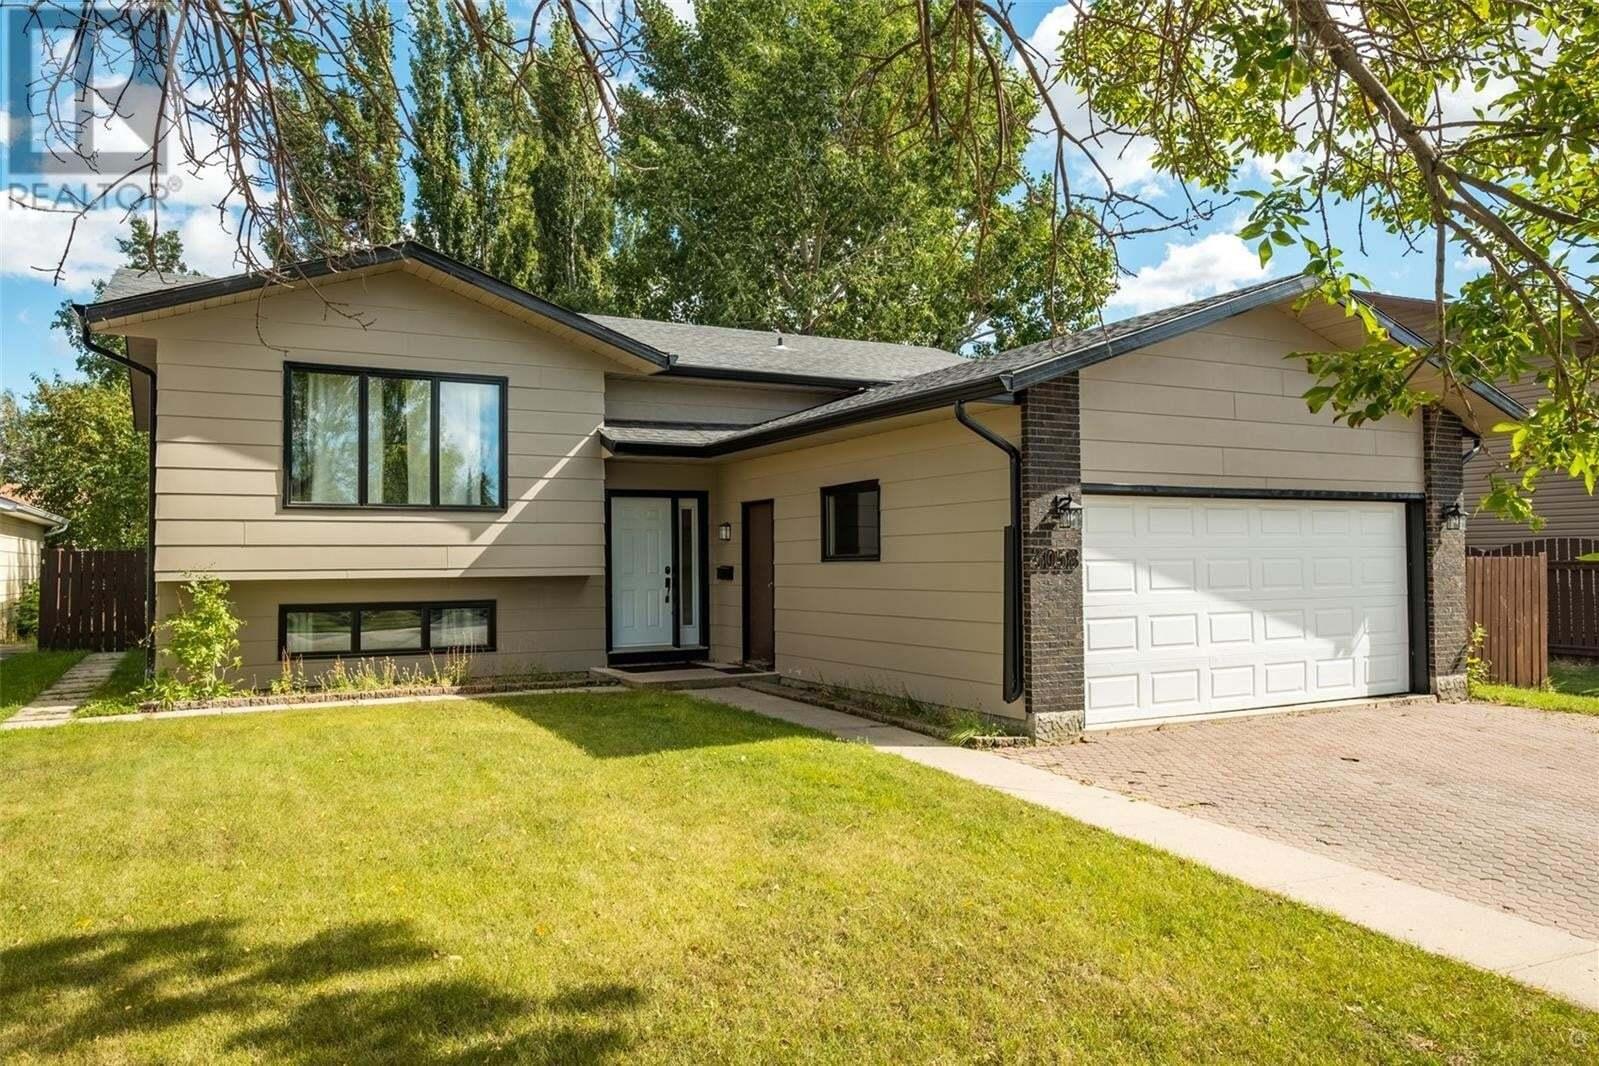 House for sale at 3058 Eagle Cres Prince Albert Saskatchewan - MLS: SK826179